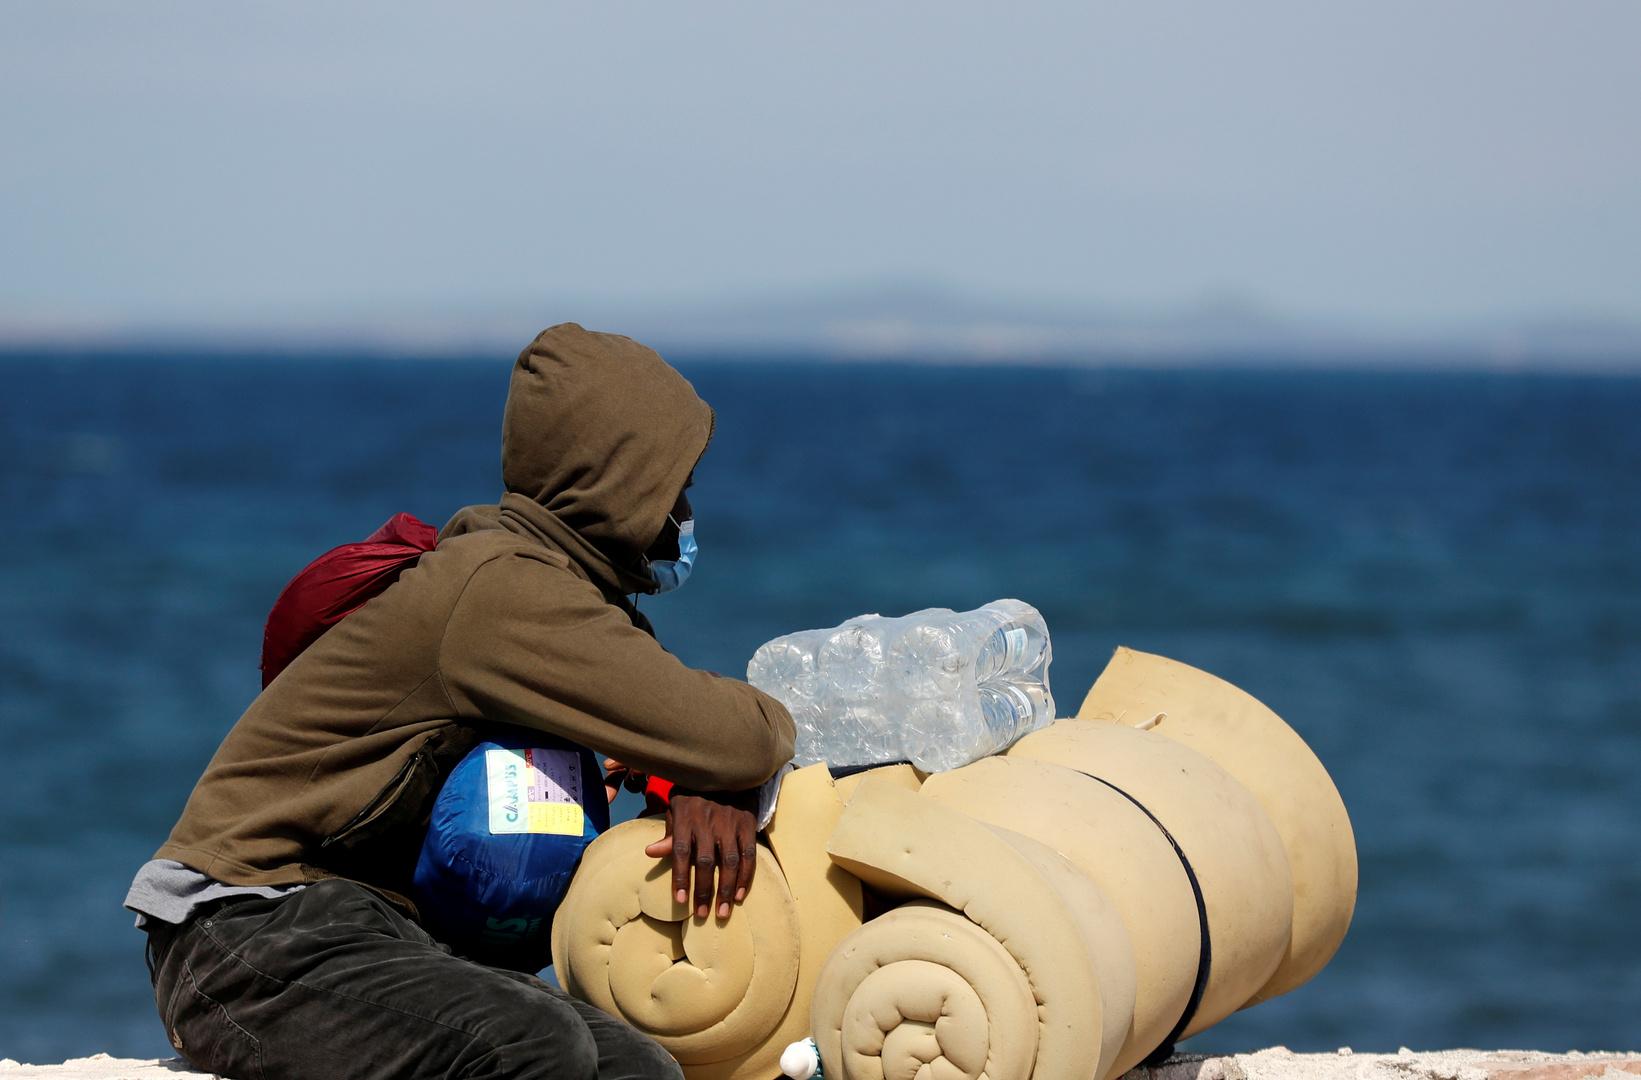 مفوضية شؤون اللاجئين: أكثر من 700 مهاجر أعيدوا إلى ليبيا مؤخرا